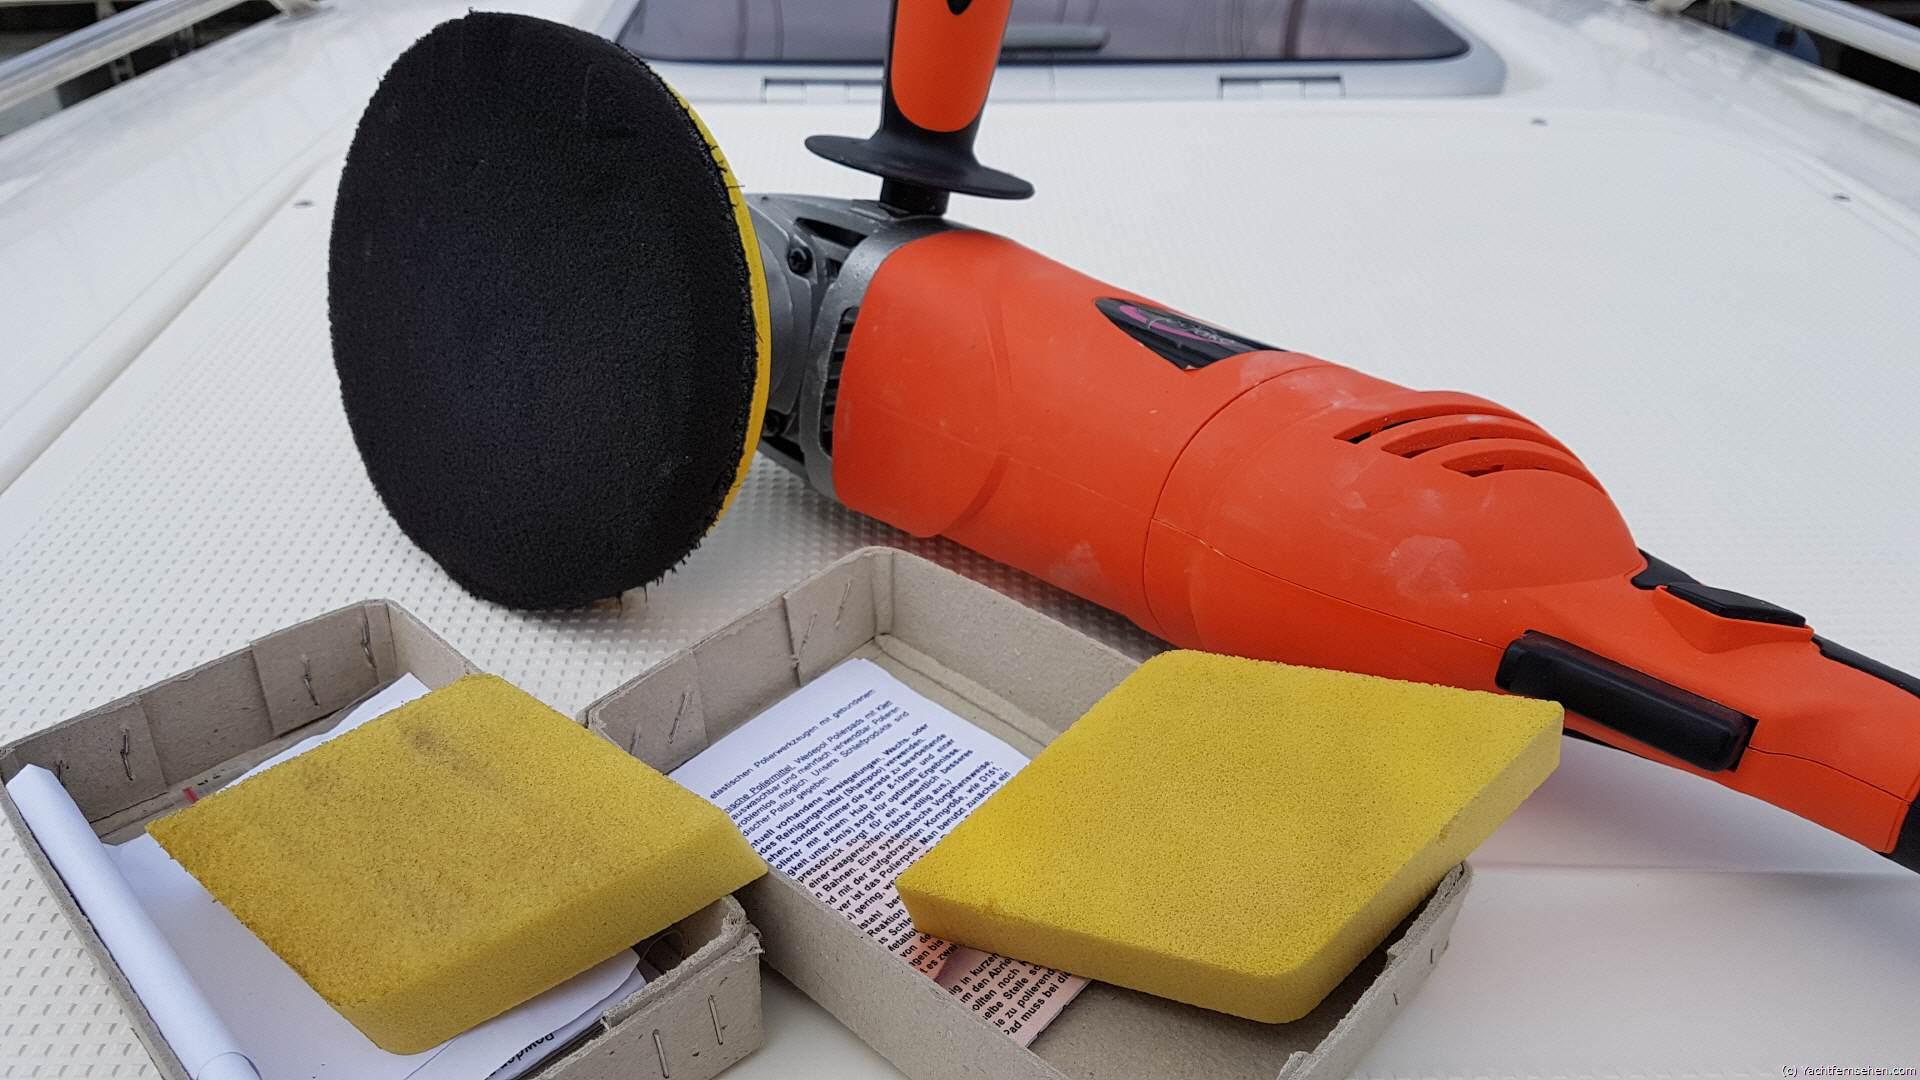 yachten polieren ohne poliermittel trockenpolitur mit einem diamantpad. Black Bedroom Furniture Sets. Home Design Ideas